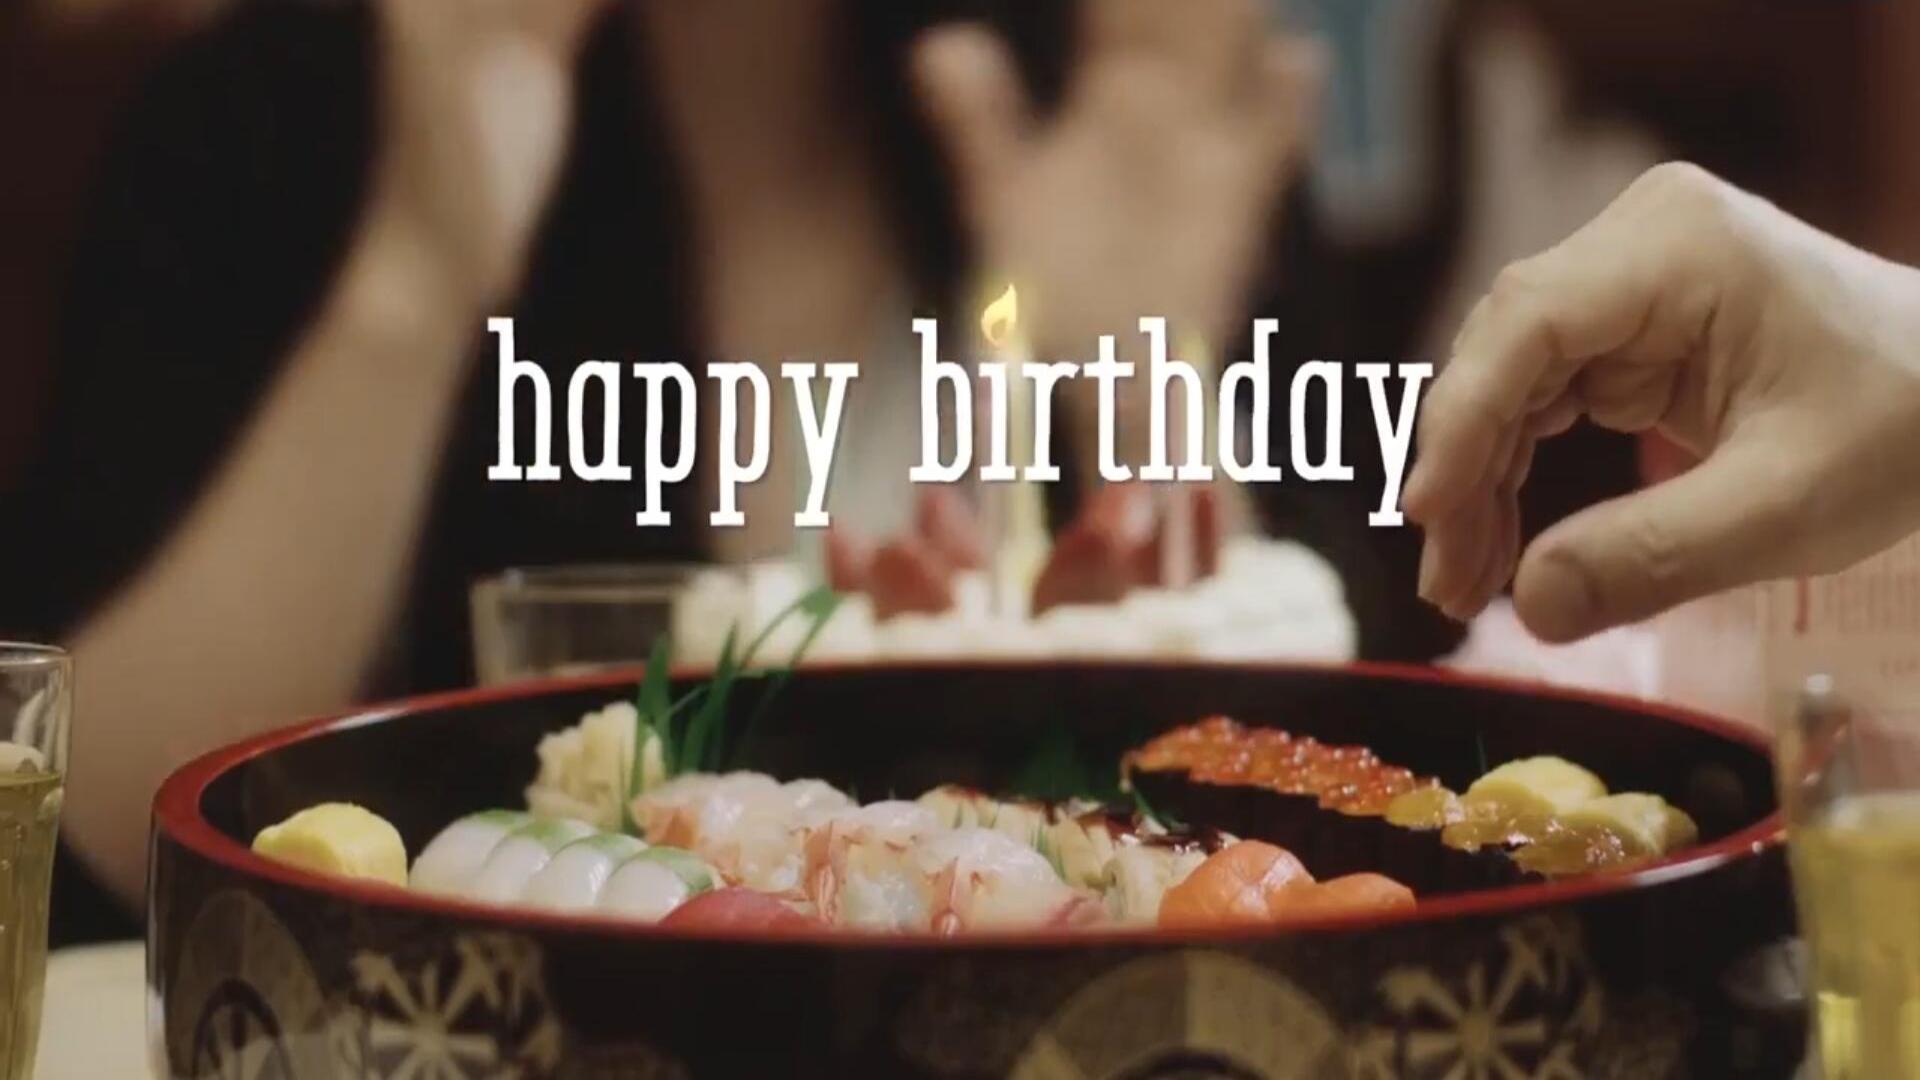 【银之盘】外卖寿司广告以黑色幽默得罪全日本所有餐厅